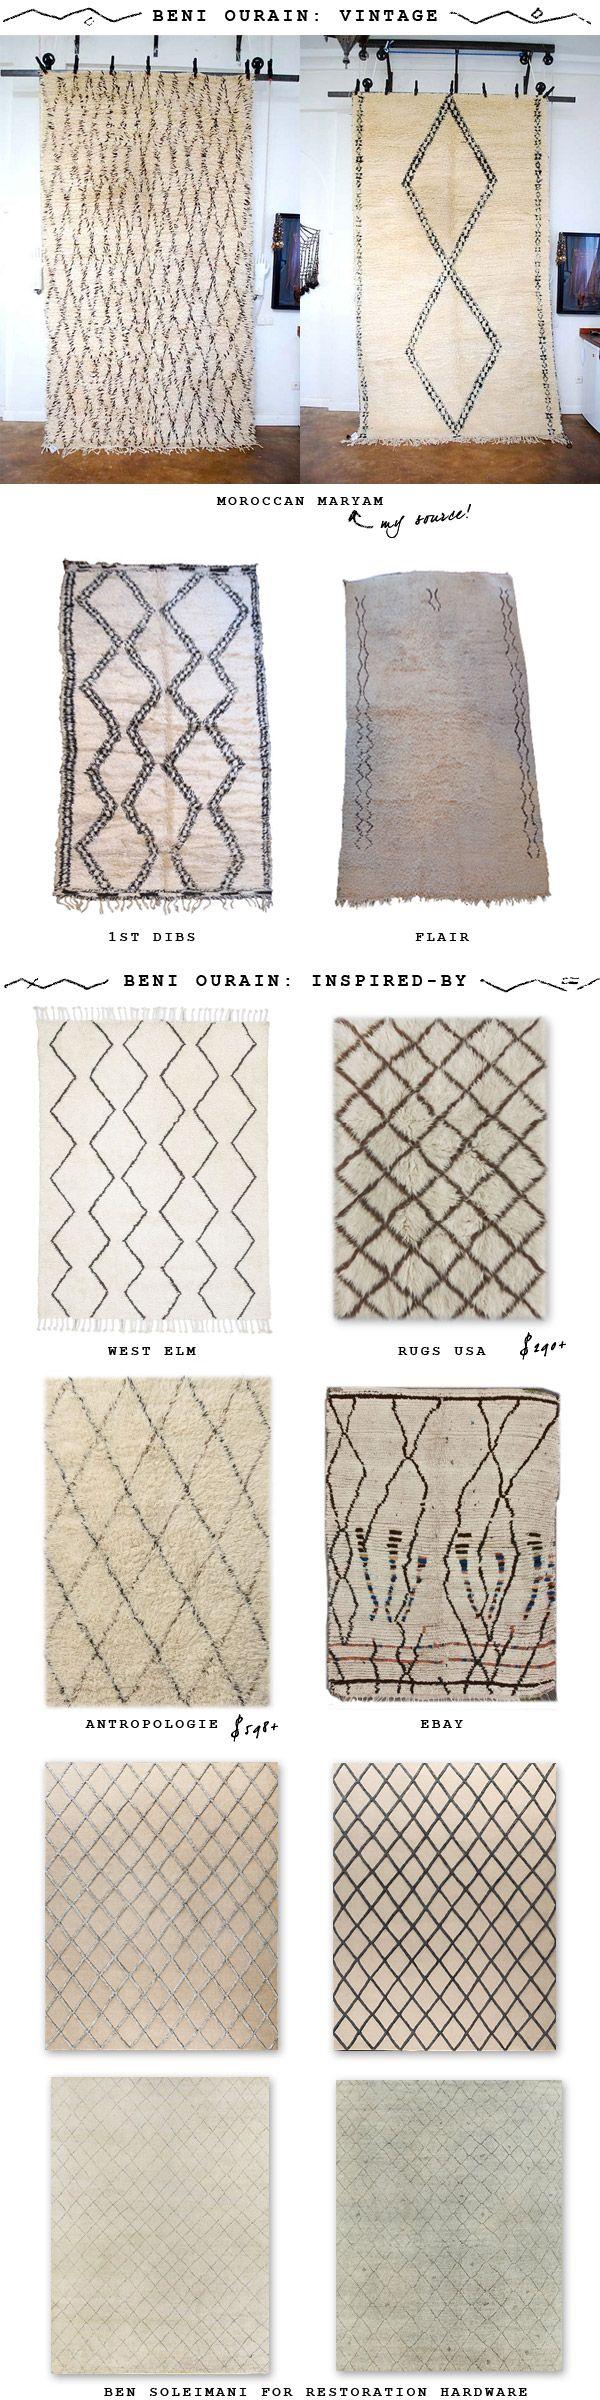 Design Under the Influence: Beni Ourain Rugs | La Dolce Vita